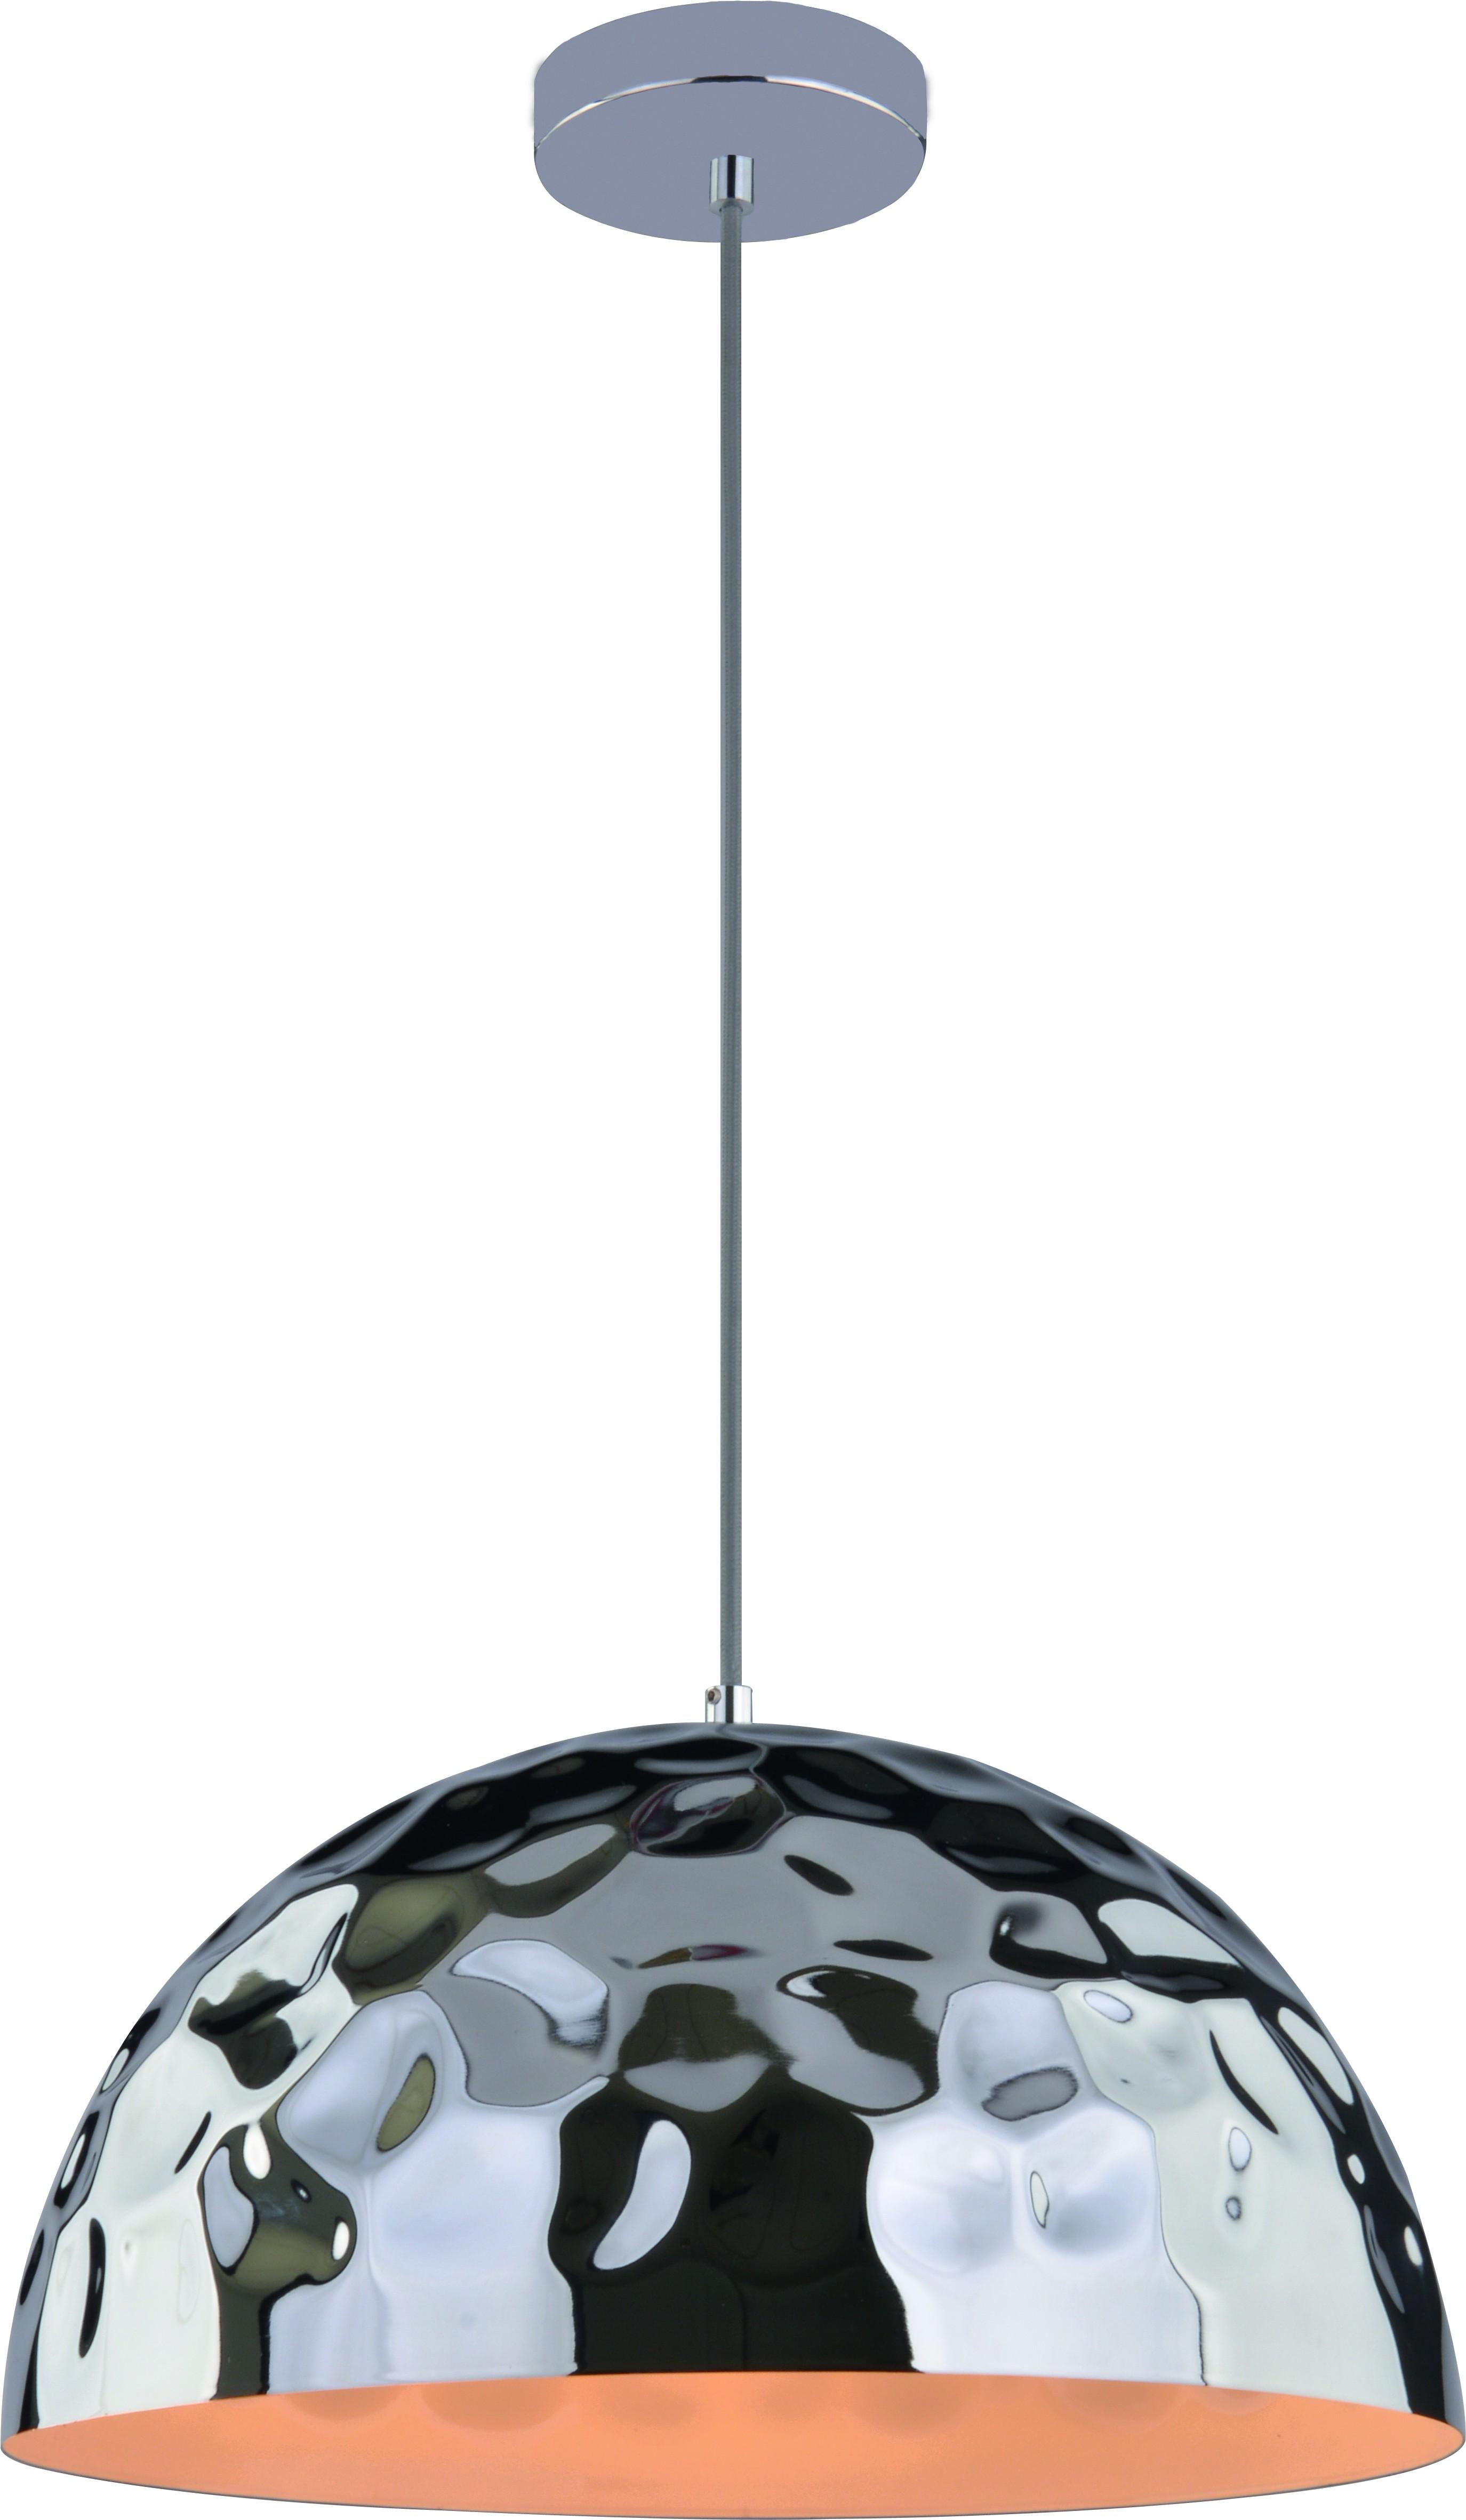 Светильник подвесной Arte lamp A4085sp-3cc подвесной светильник arte lamp a6509sp 3cc